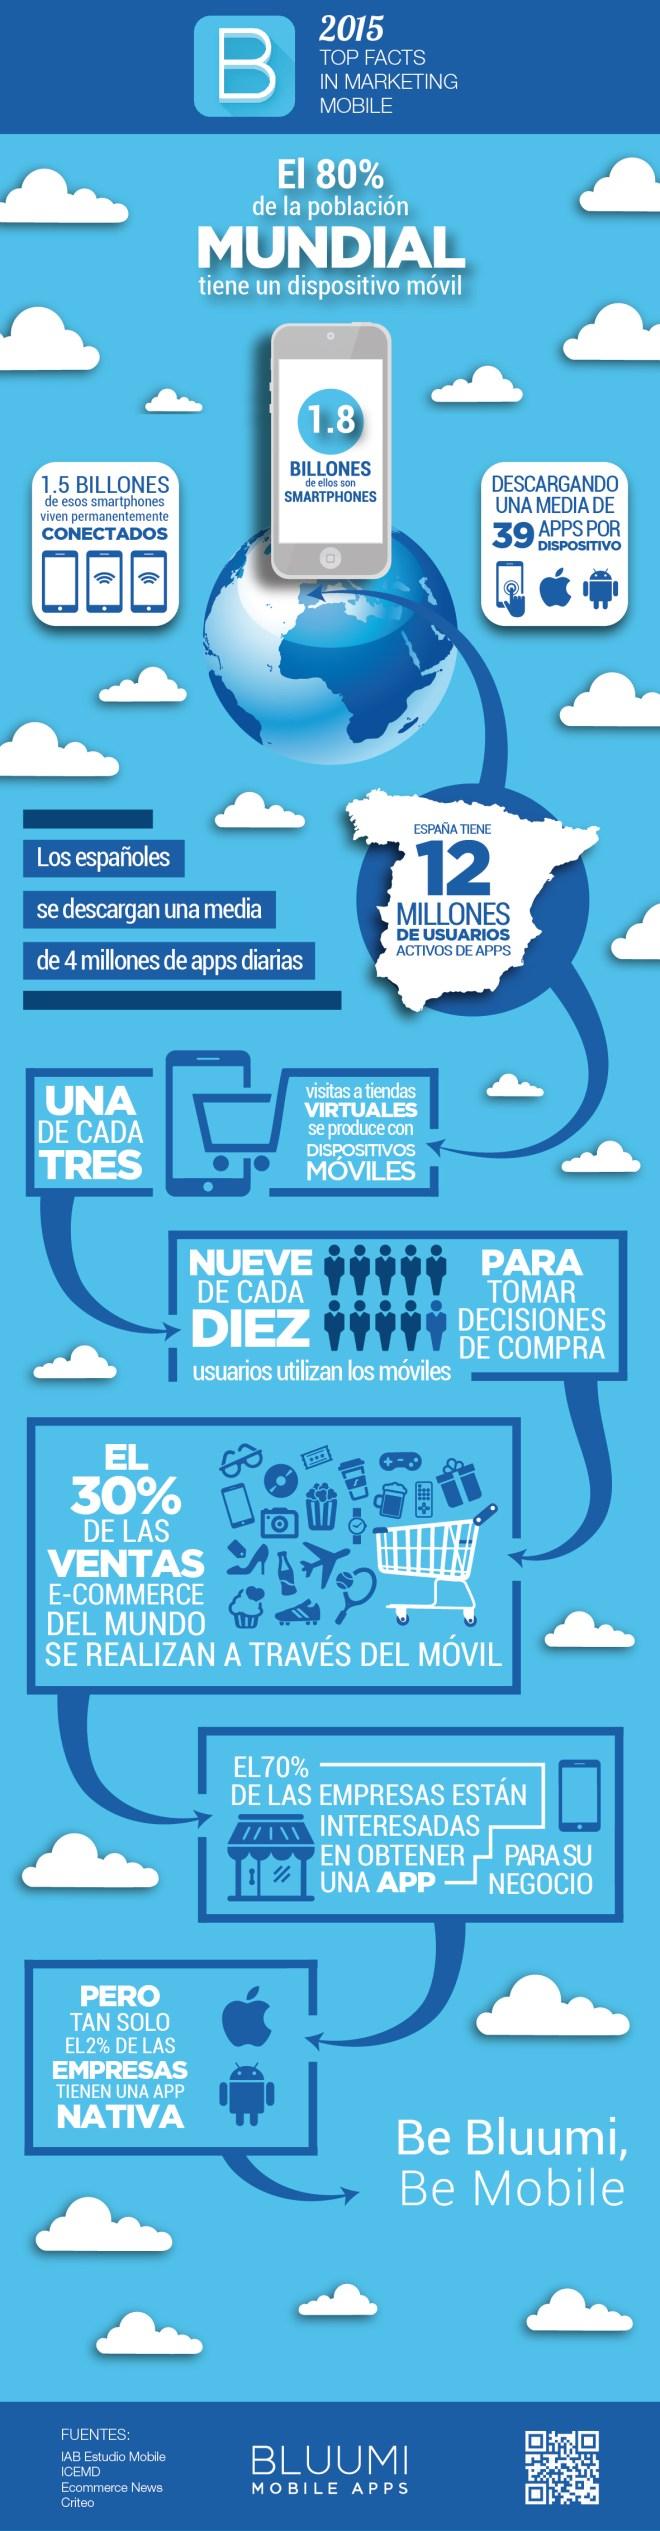 Marketing móvil: los datos que debes conocer